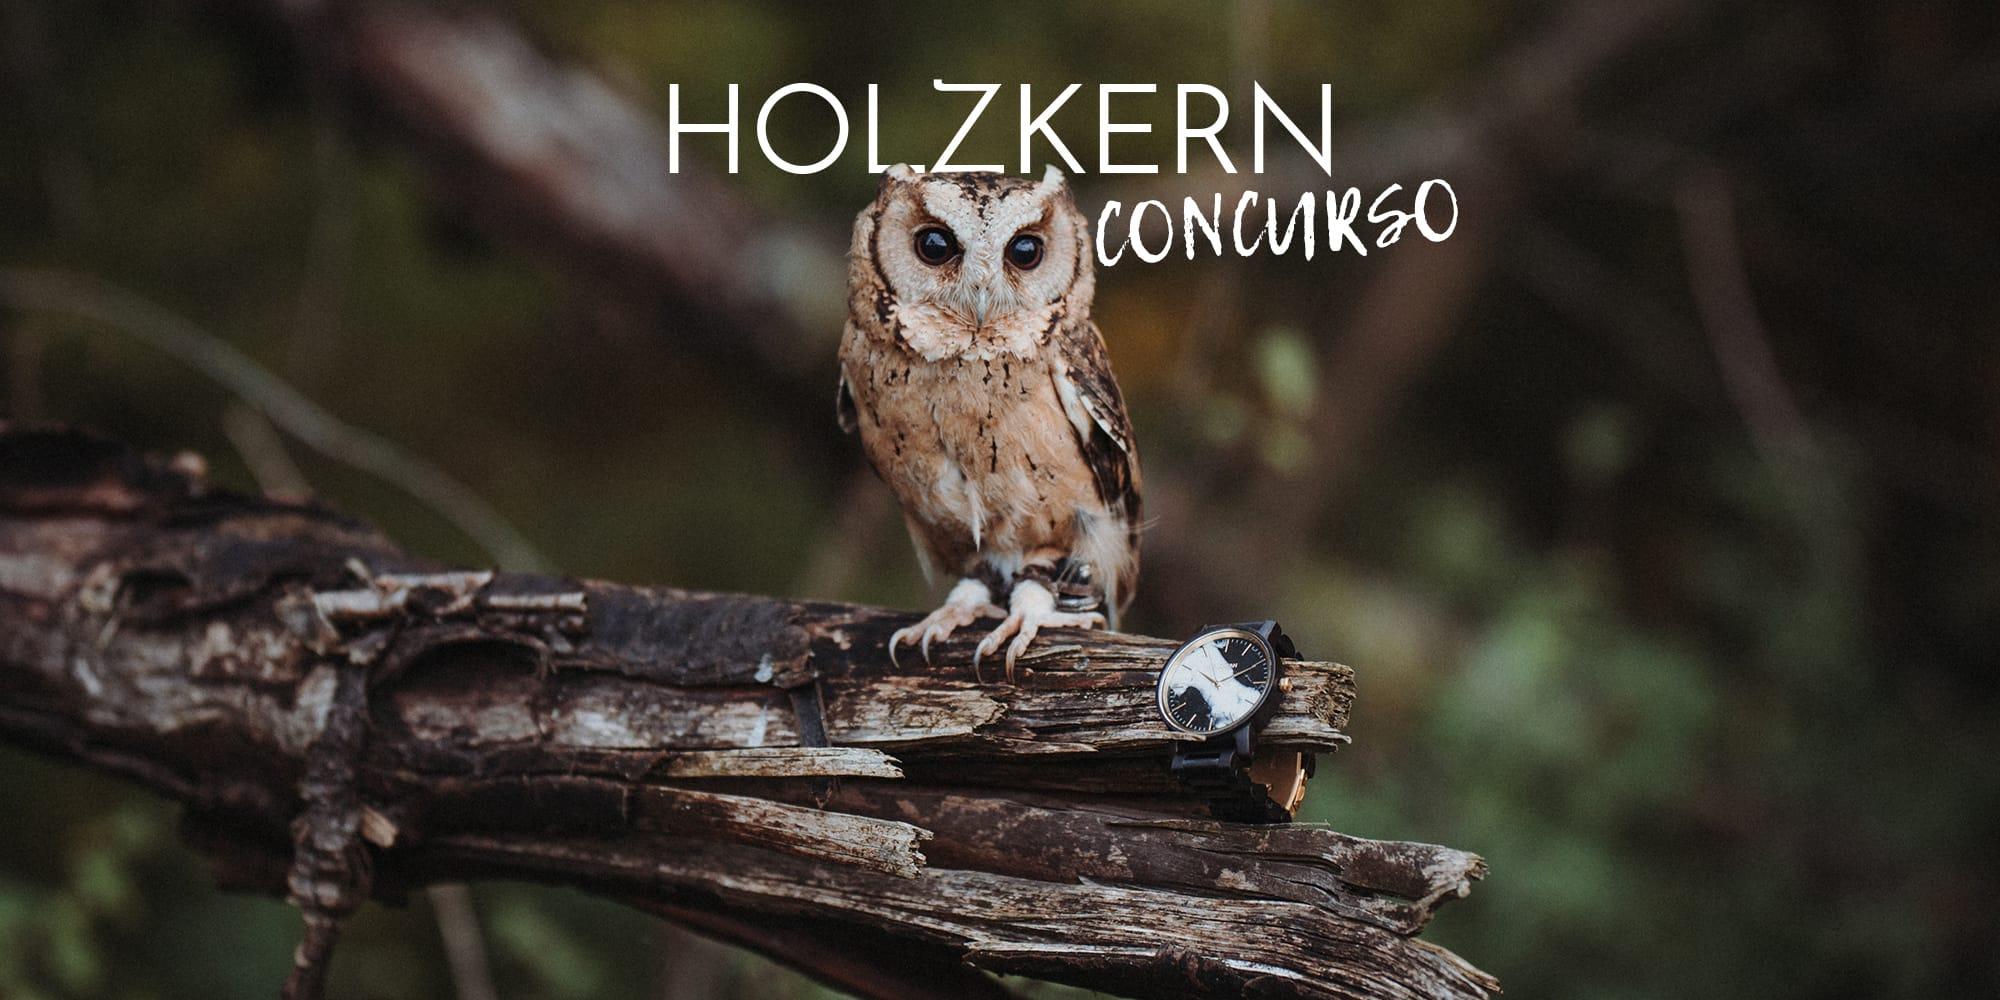 El gran concurso del búho de Holzkern